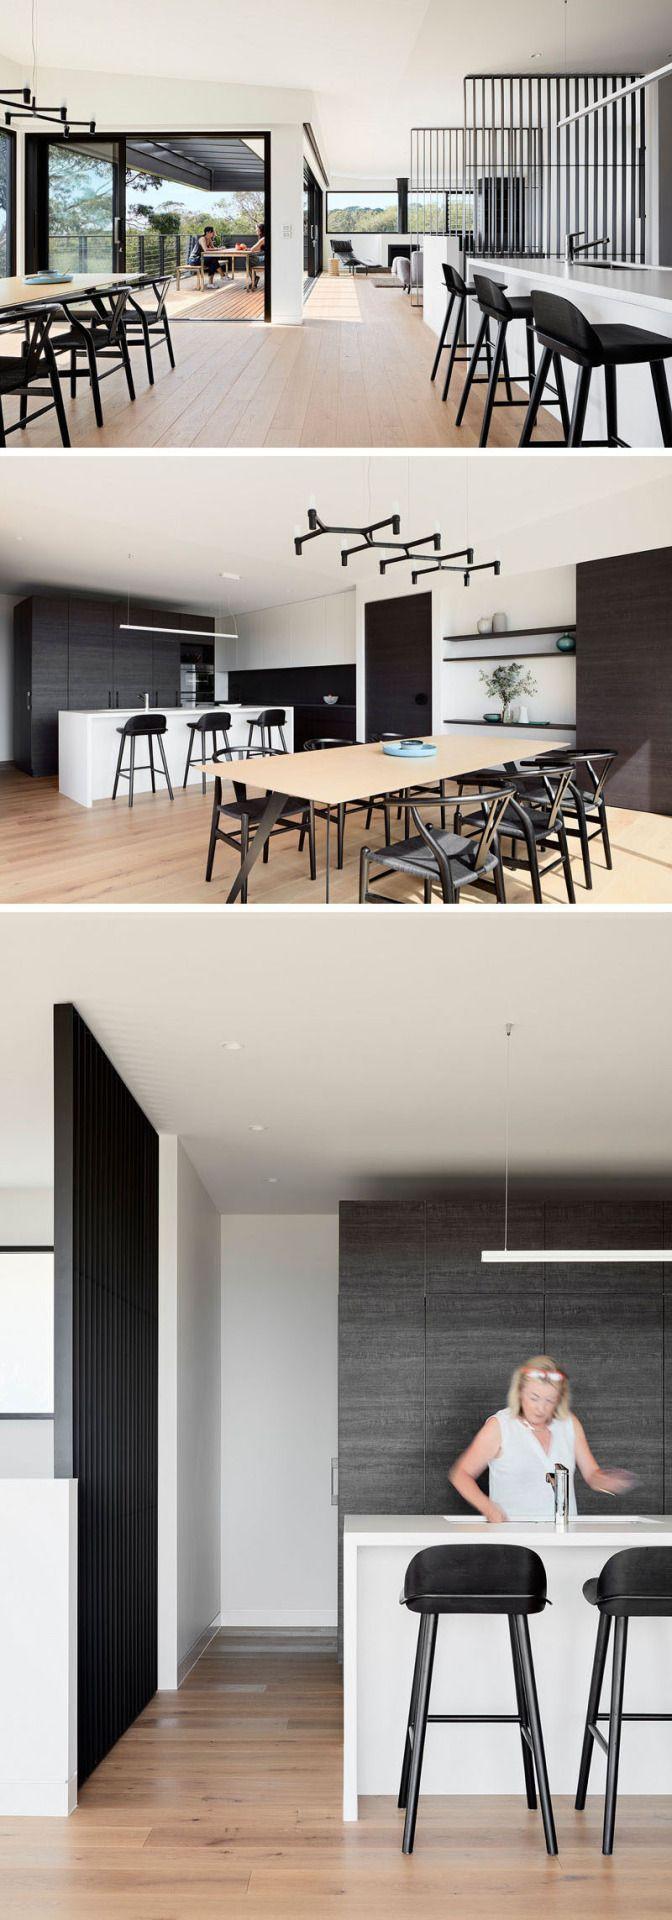 476 besten Interiors Bilder auf Pinterest | Innenarchitektur ...